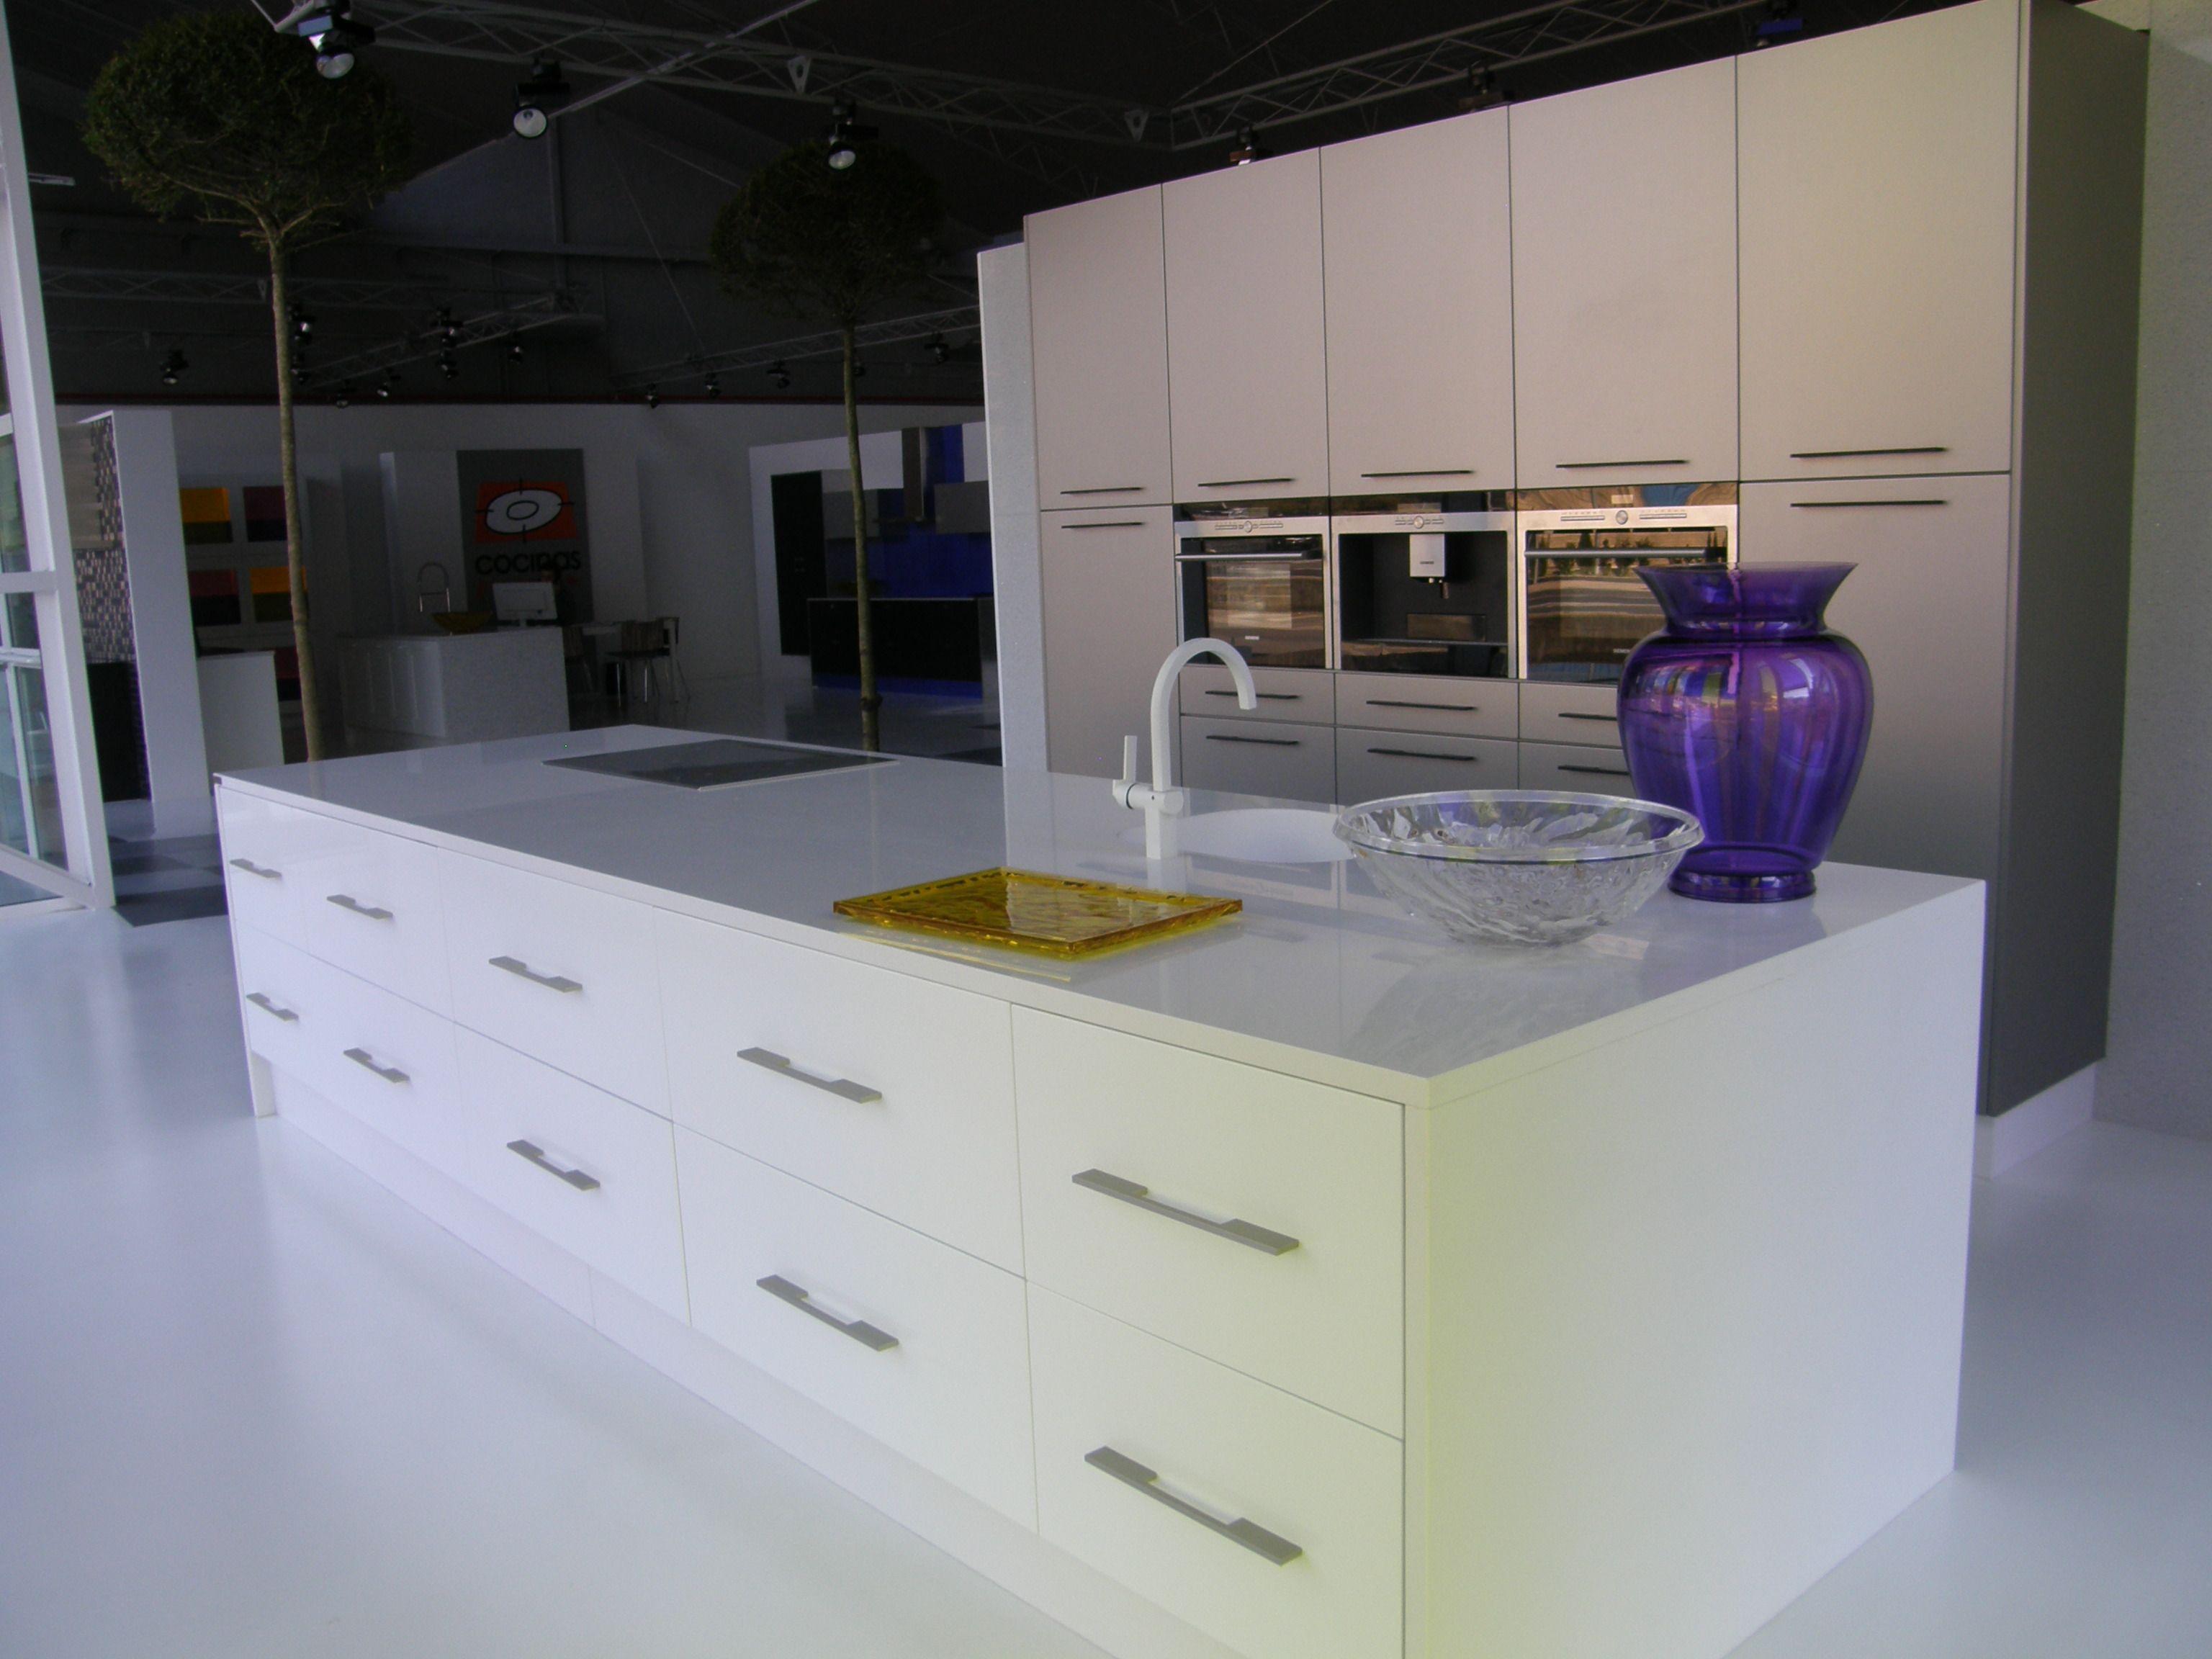 Modelos De Cocina Con Puerta Ibaneta Blanco Brillo Combinada